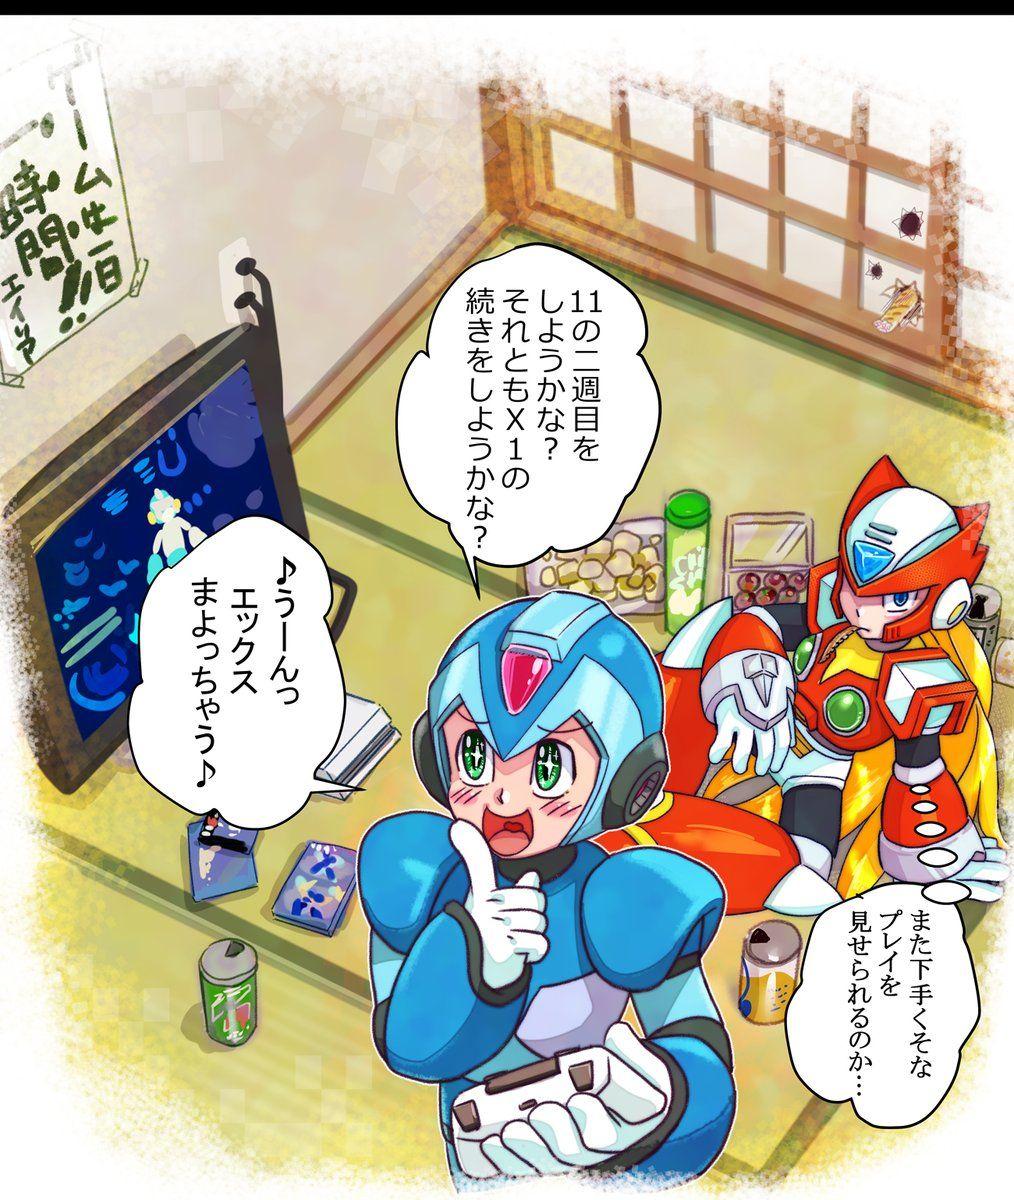 Mega Man11 Enemies Jasa Desain Grafis Murah